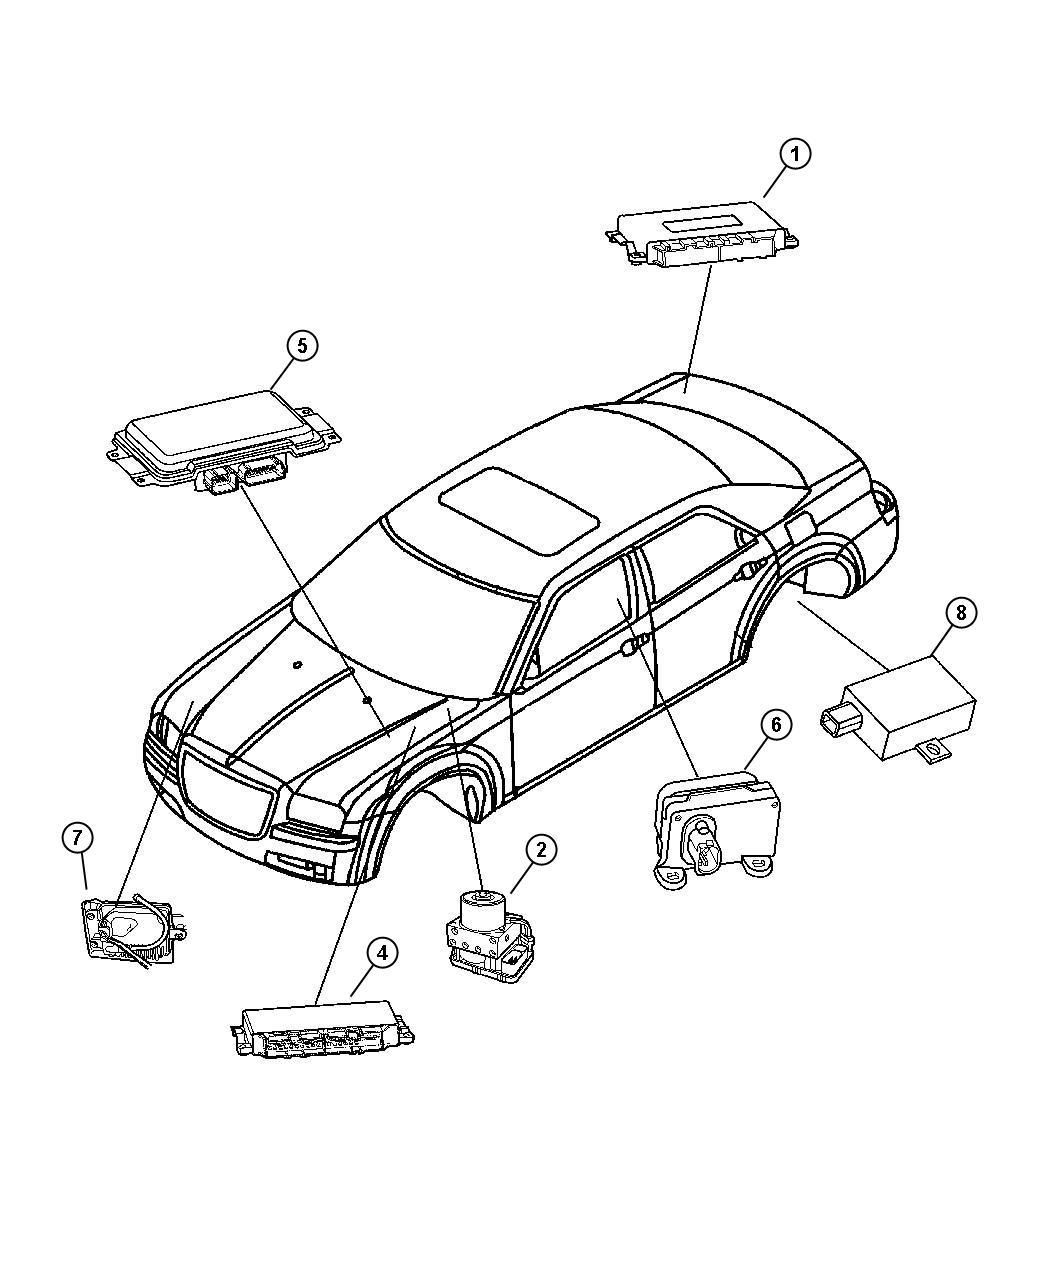 Jeep Body Control Module Location : BODY CONTROL MODULE